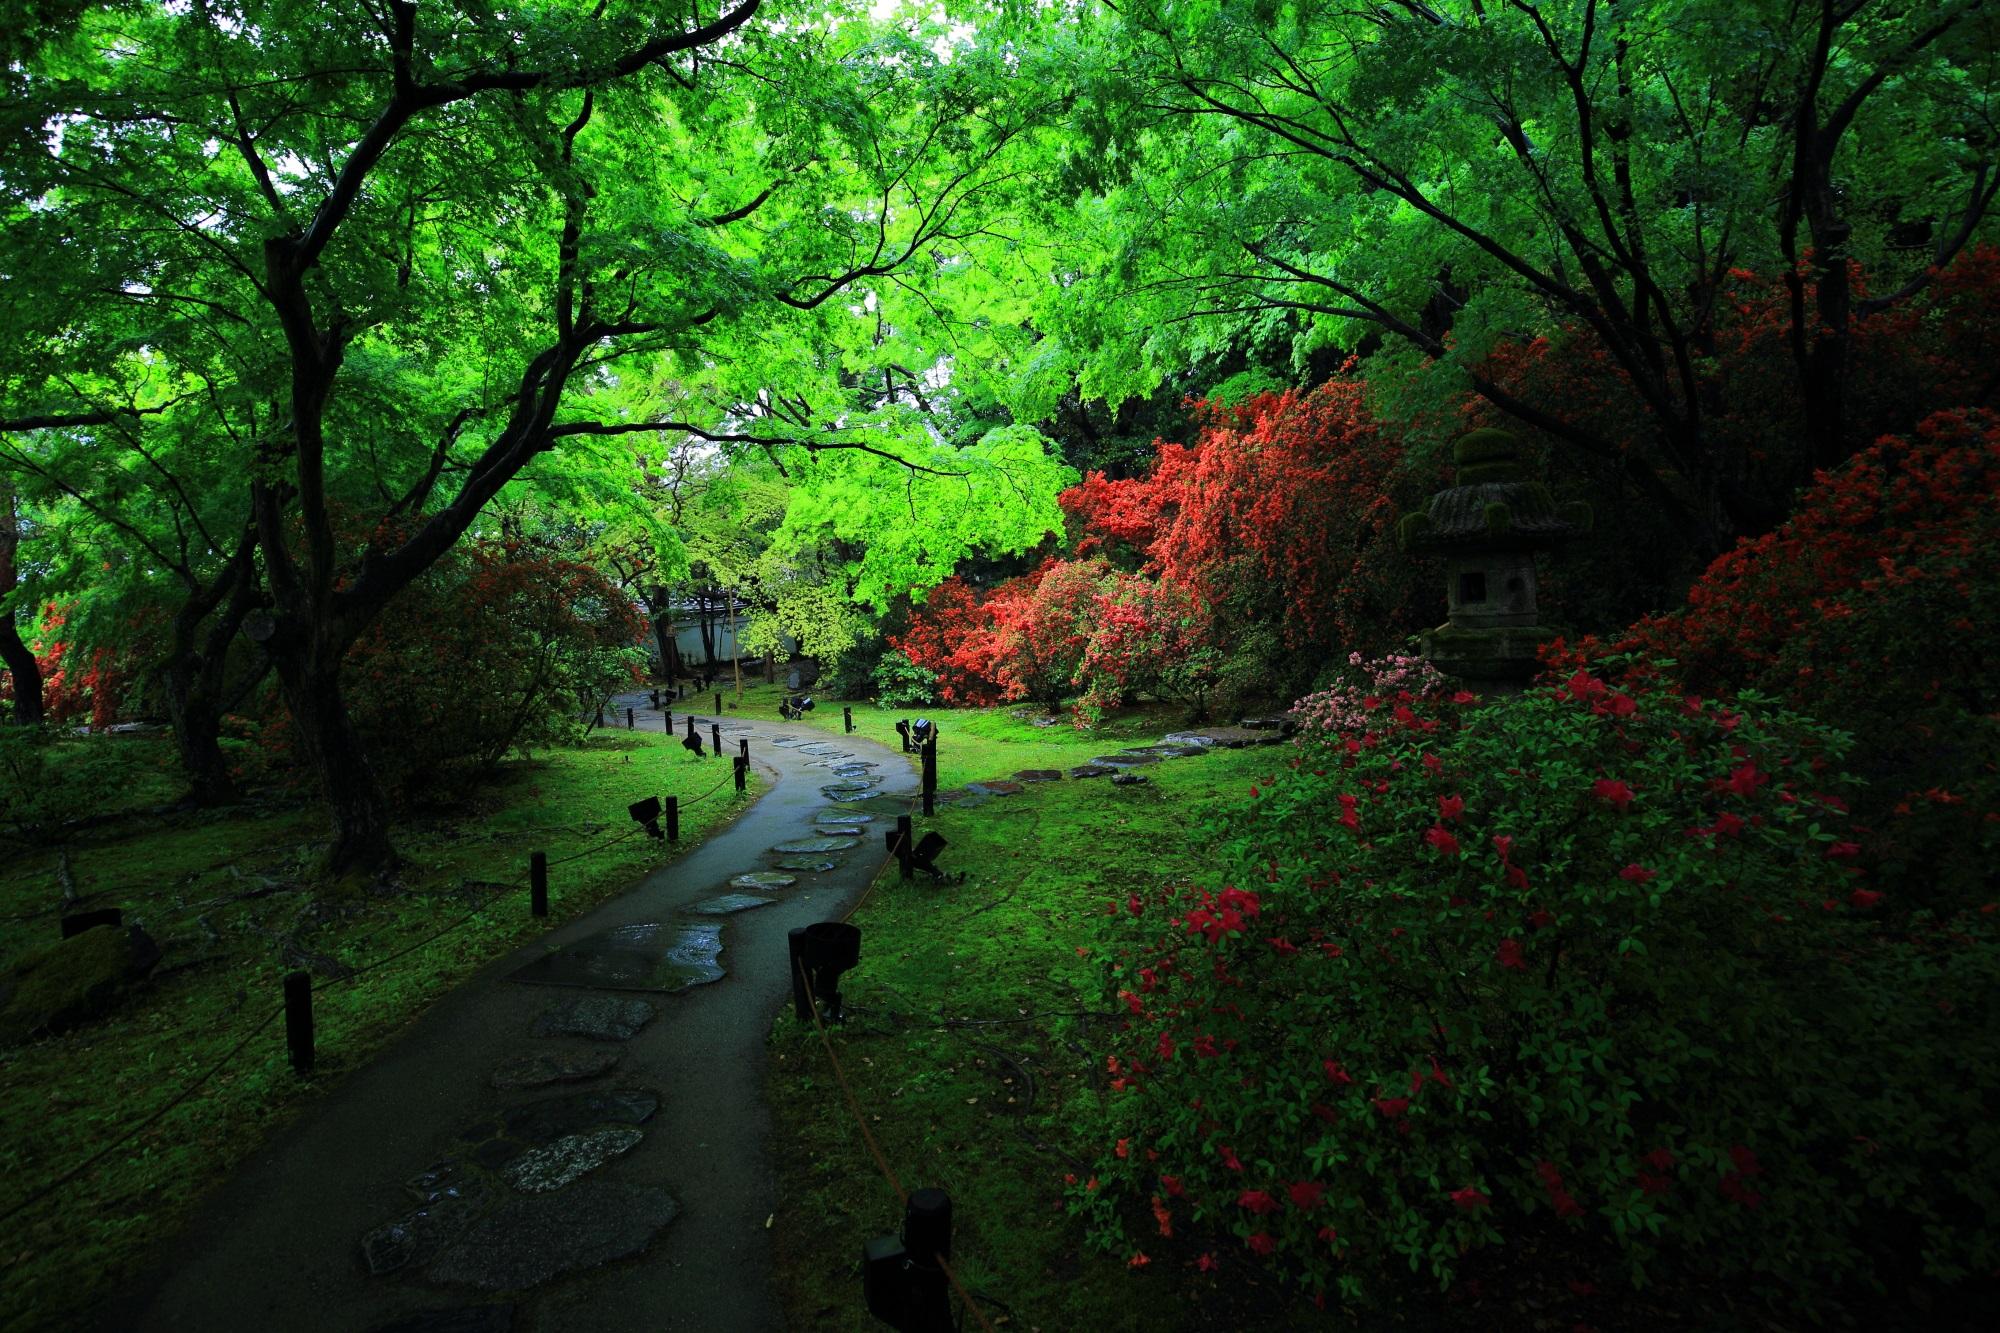 青蓮院 きりしまつつじ 鮮やかな新緑と鮮烈な赤